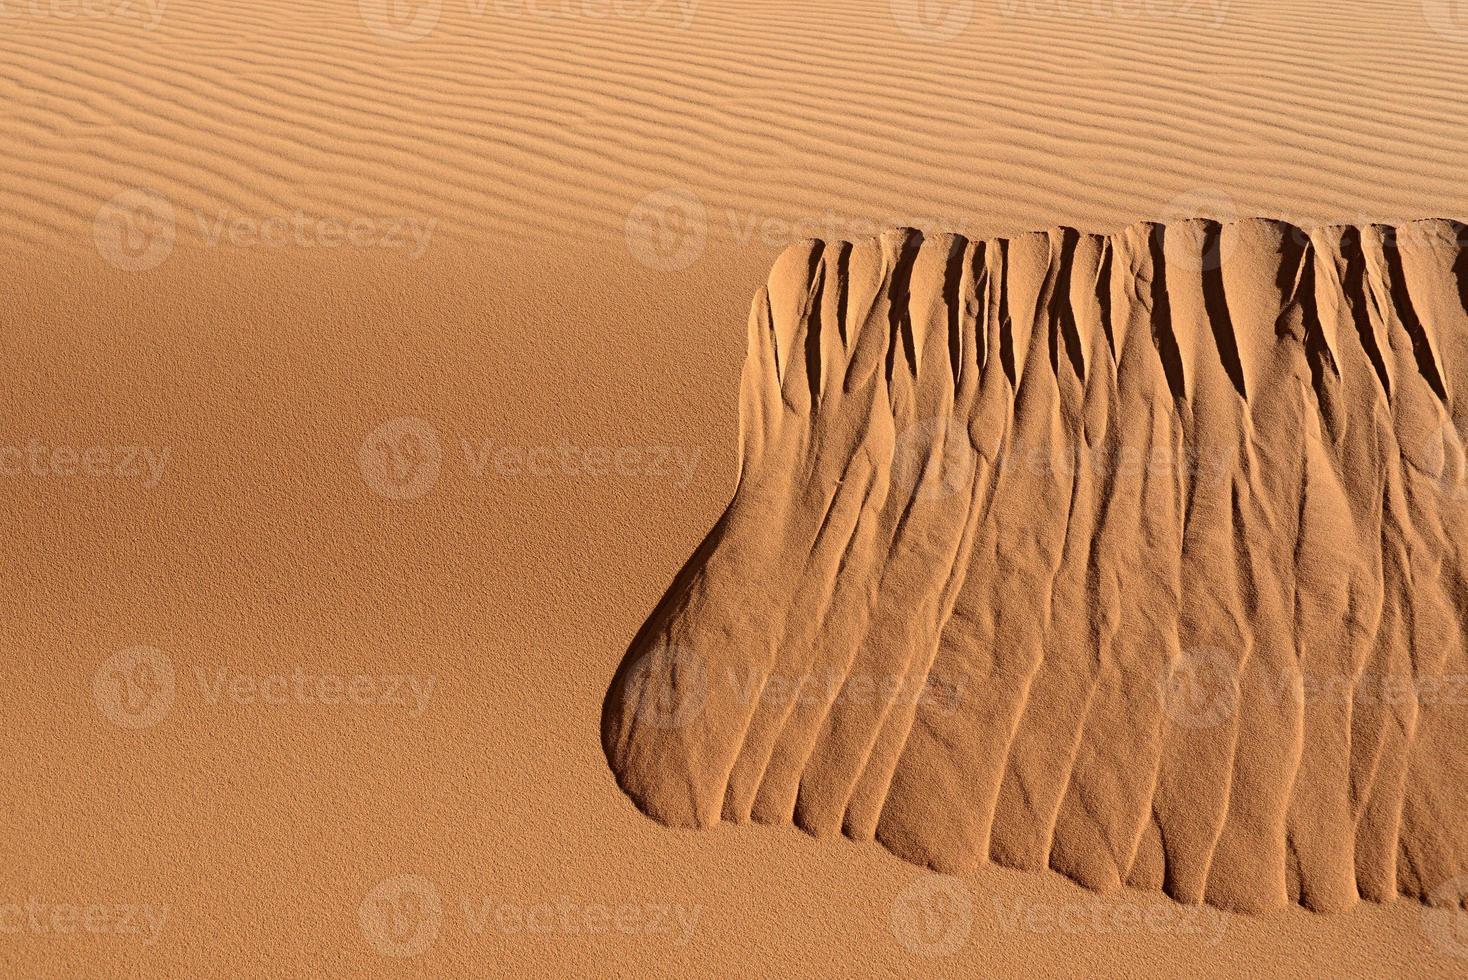 fondo del desierto foto